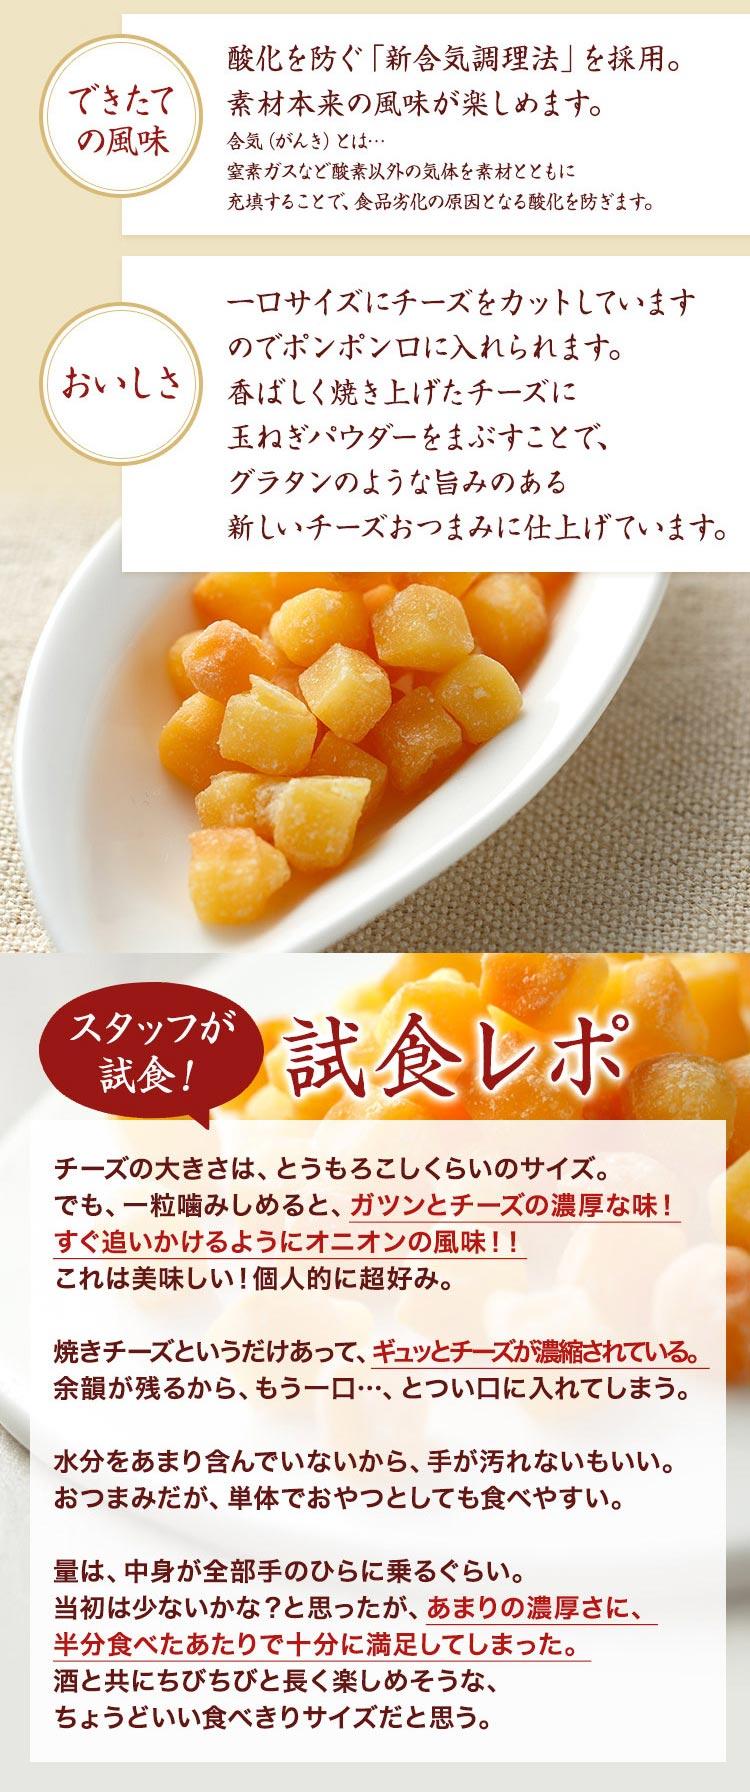 試食レポ ガツンとチーズの濃厚な味!すく追いかけるようにオニオンの風味!!